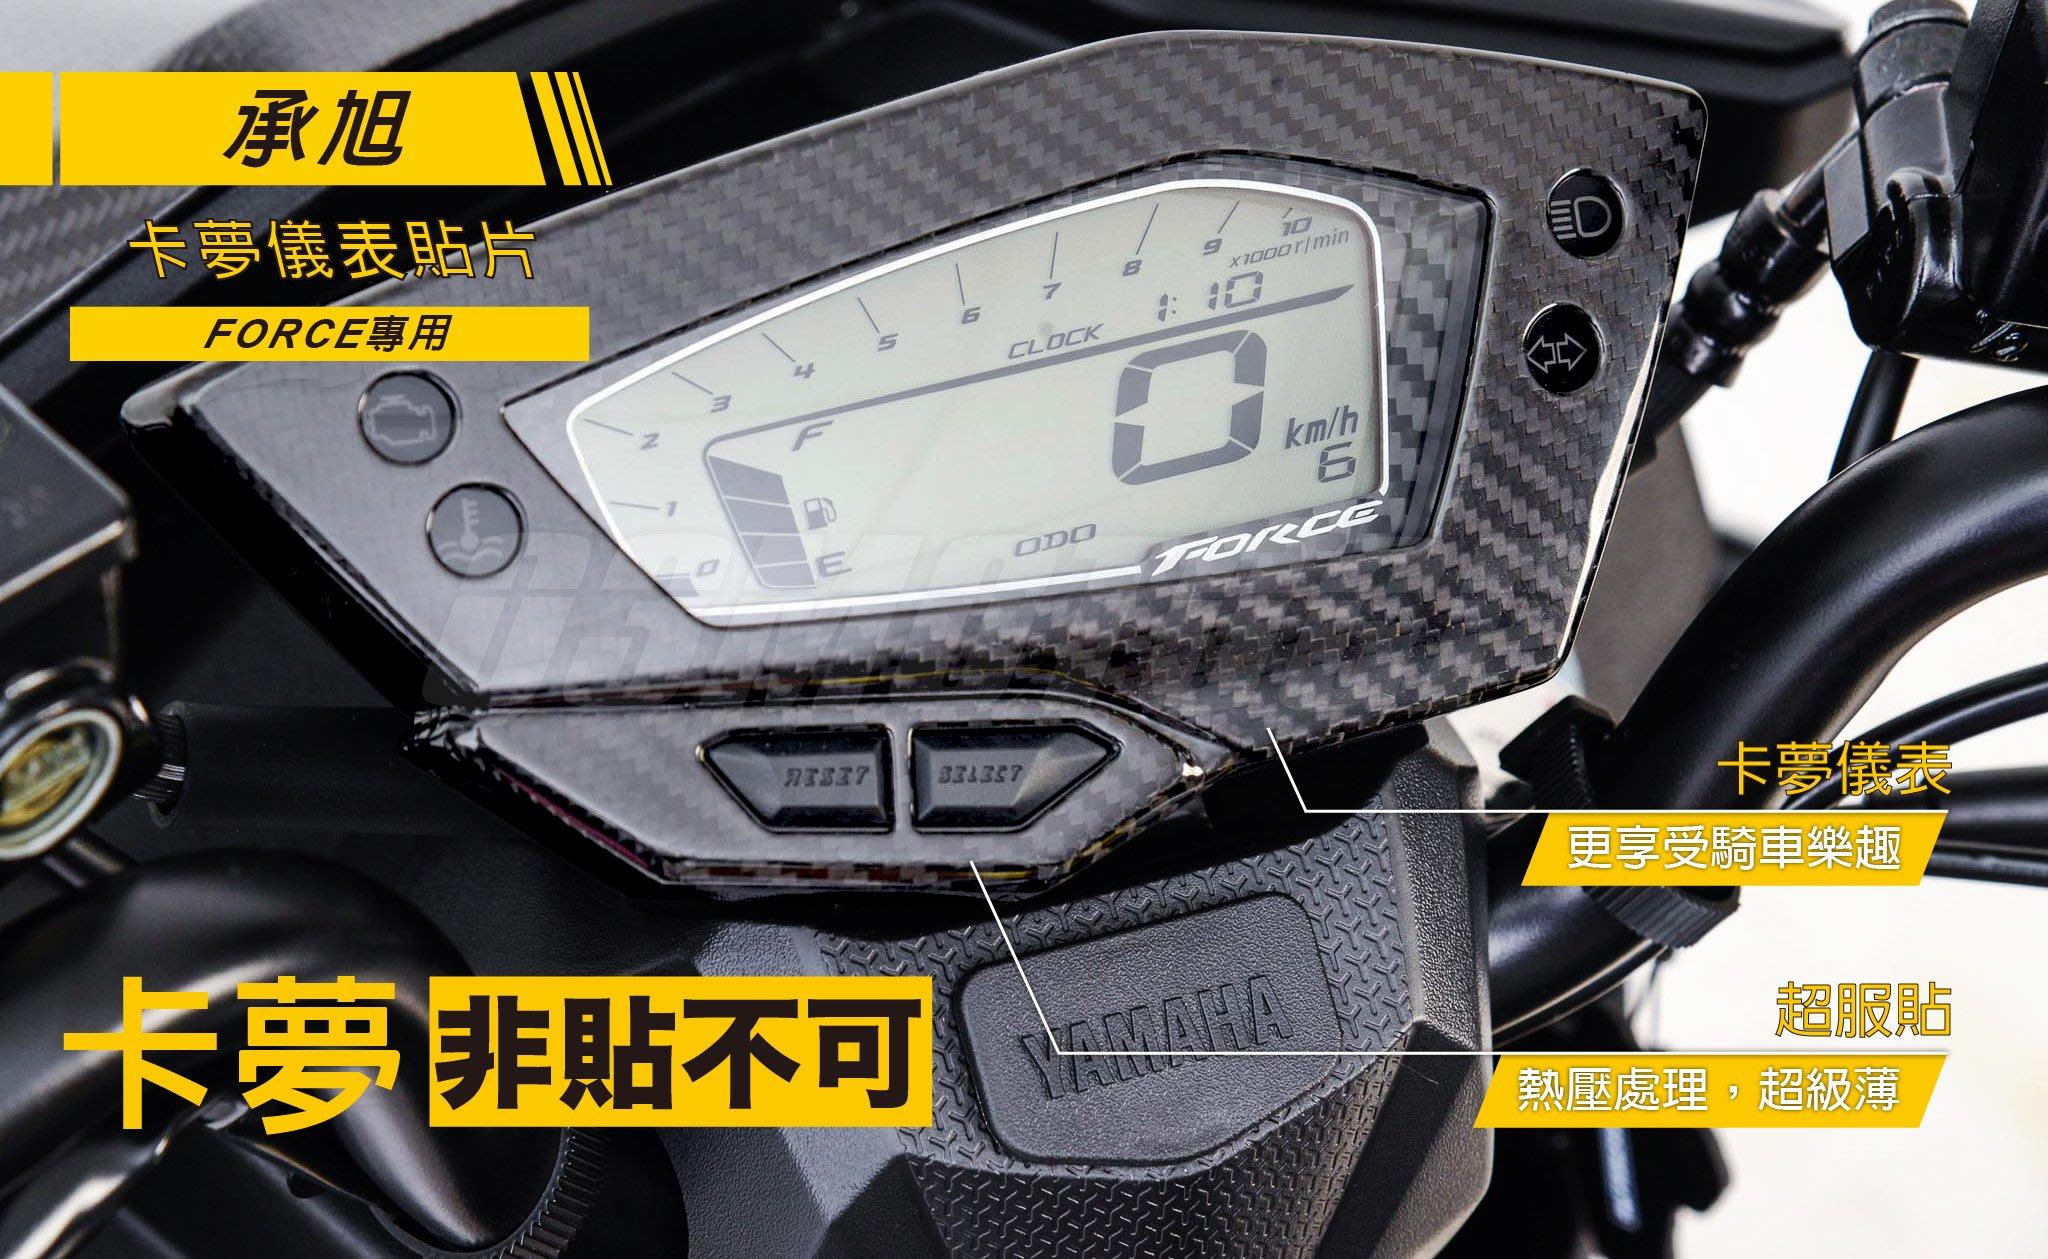 Q3機車精品 承旭 Force 卡夢儀表蓋 卡夢貼 儀表外蓋貼 3M背膠 超服貼 卡夢儀表貼 Force 155